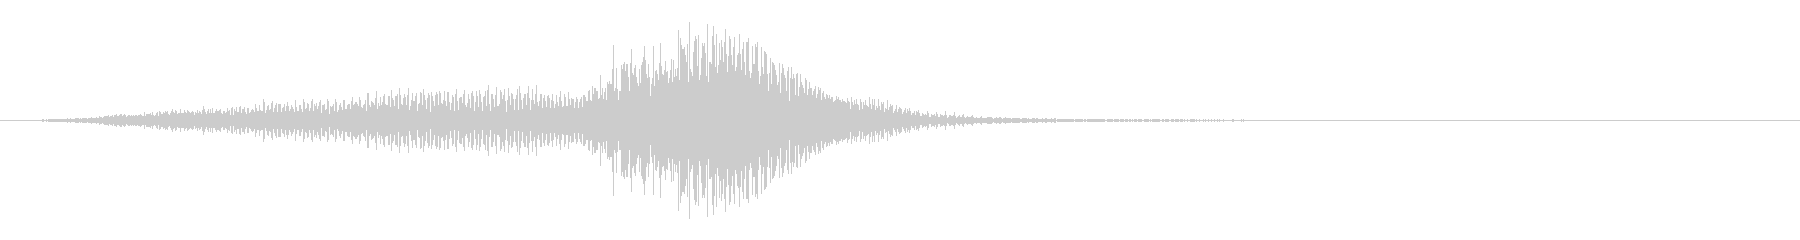 ドラマティックオーケストラアクセント4の未再生の波形